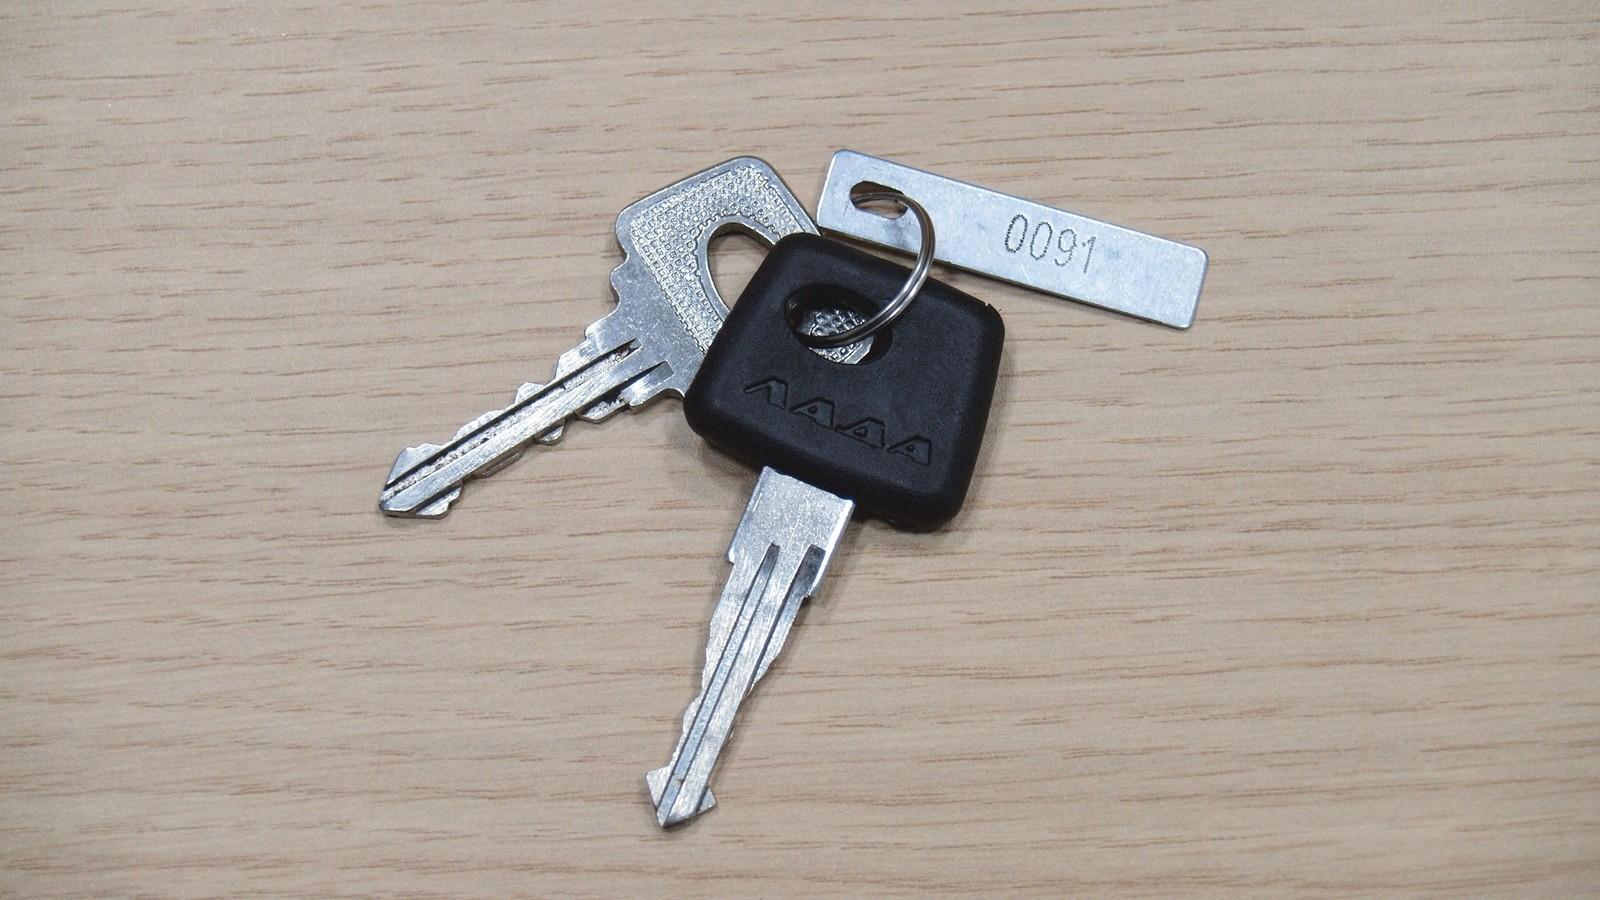 Воспоминания о будущем: вплоть до конца 2013 года точно такие ключи прилагались к каждой новой Самаре-2